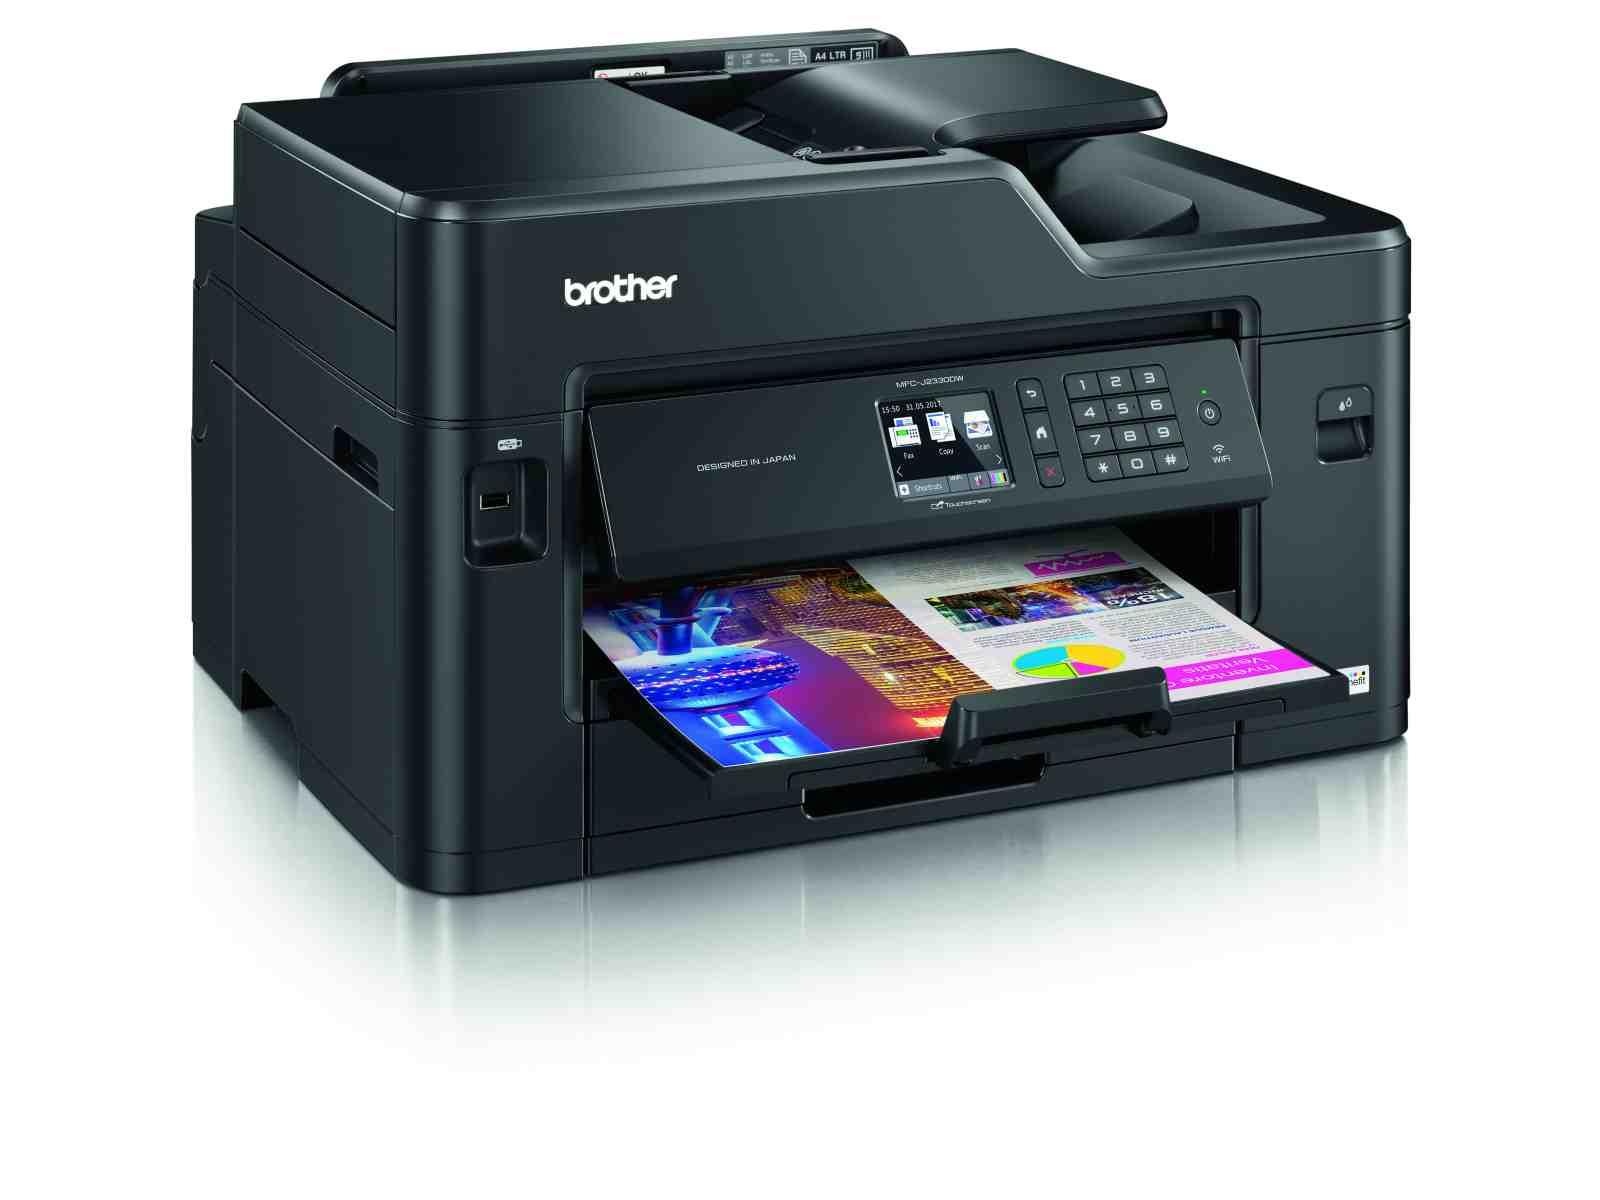 Brother MFC-J2330DW, tiskárna A3/kopírka/skener A4/fax, tisk na šířku, duplexní tisk, síť, WiFi, dotykový LCD